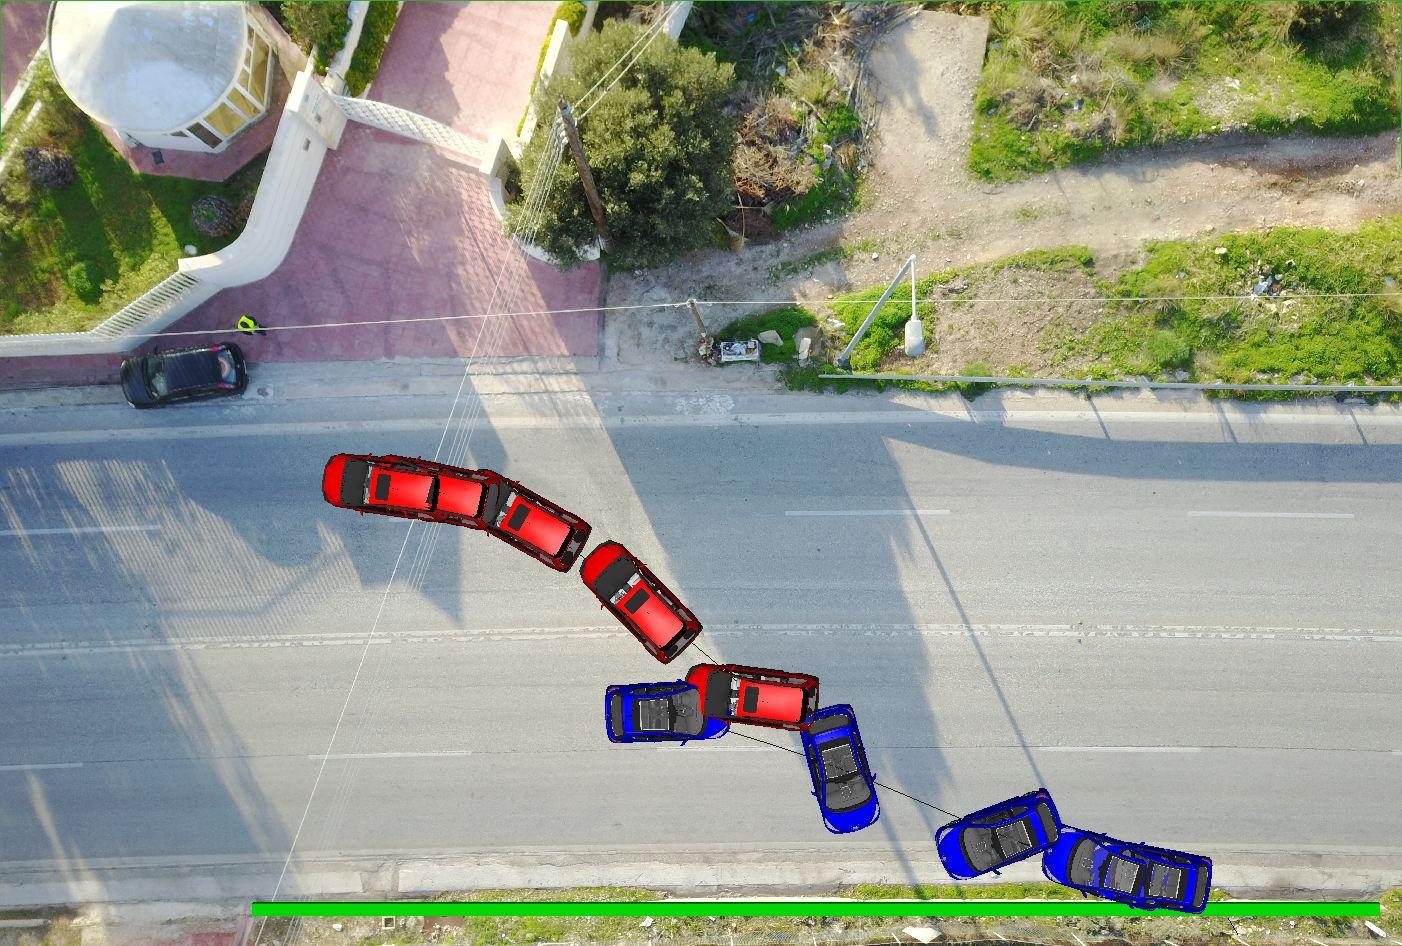 Προσομοίωση ατυχήματος με την χρήση του ειδικού λογισμικού προγράμματος Pc - Crash σε αεροφωτογραφία